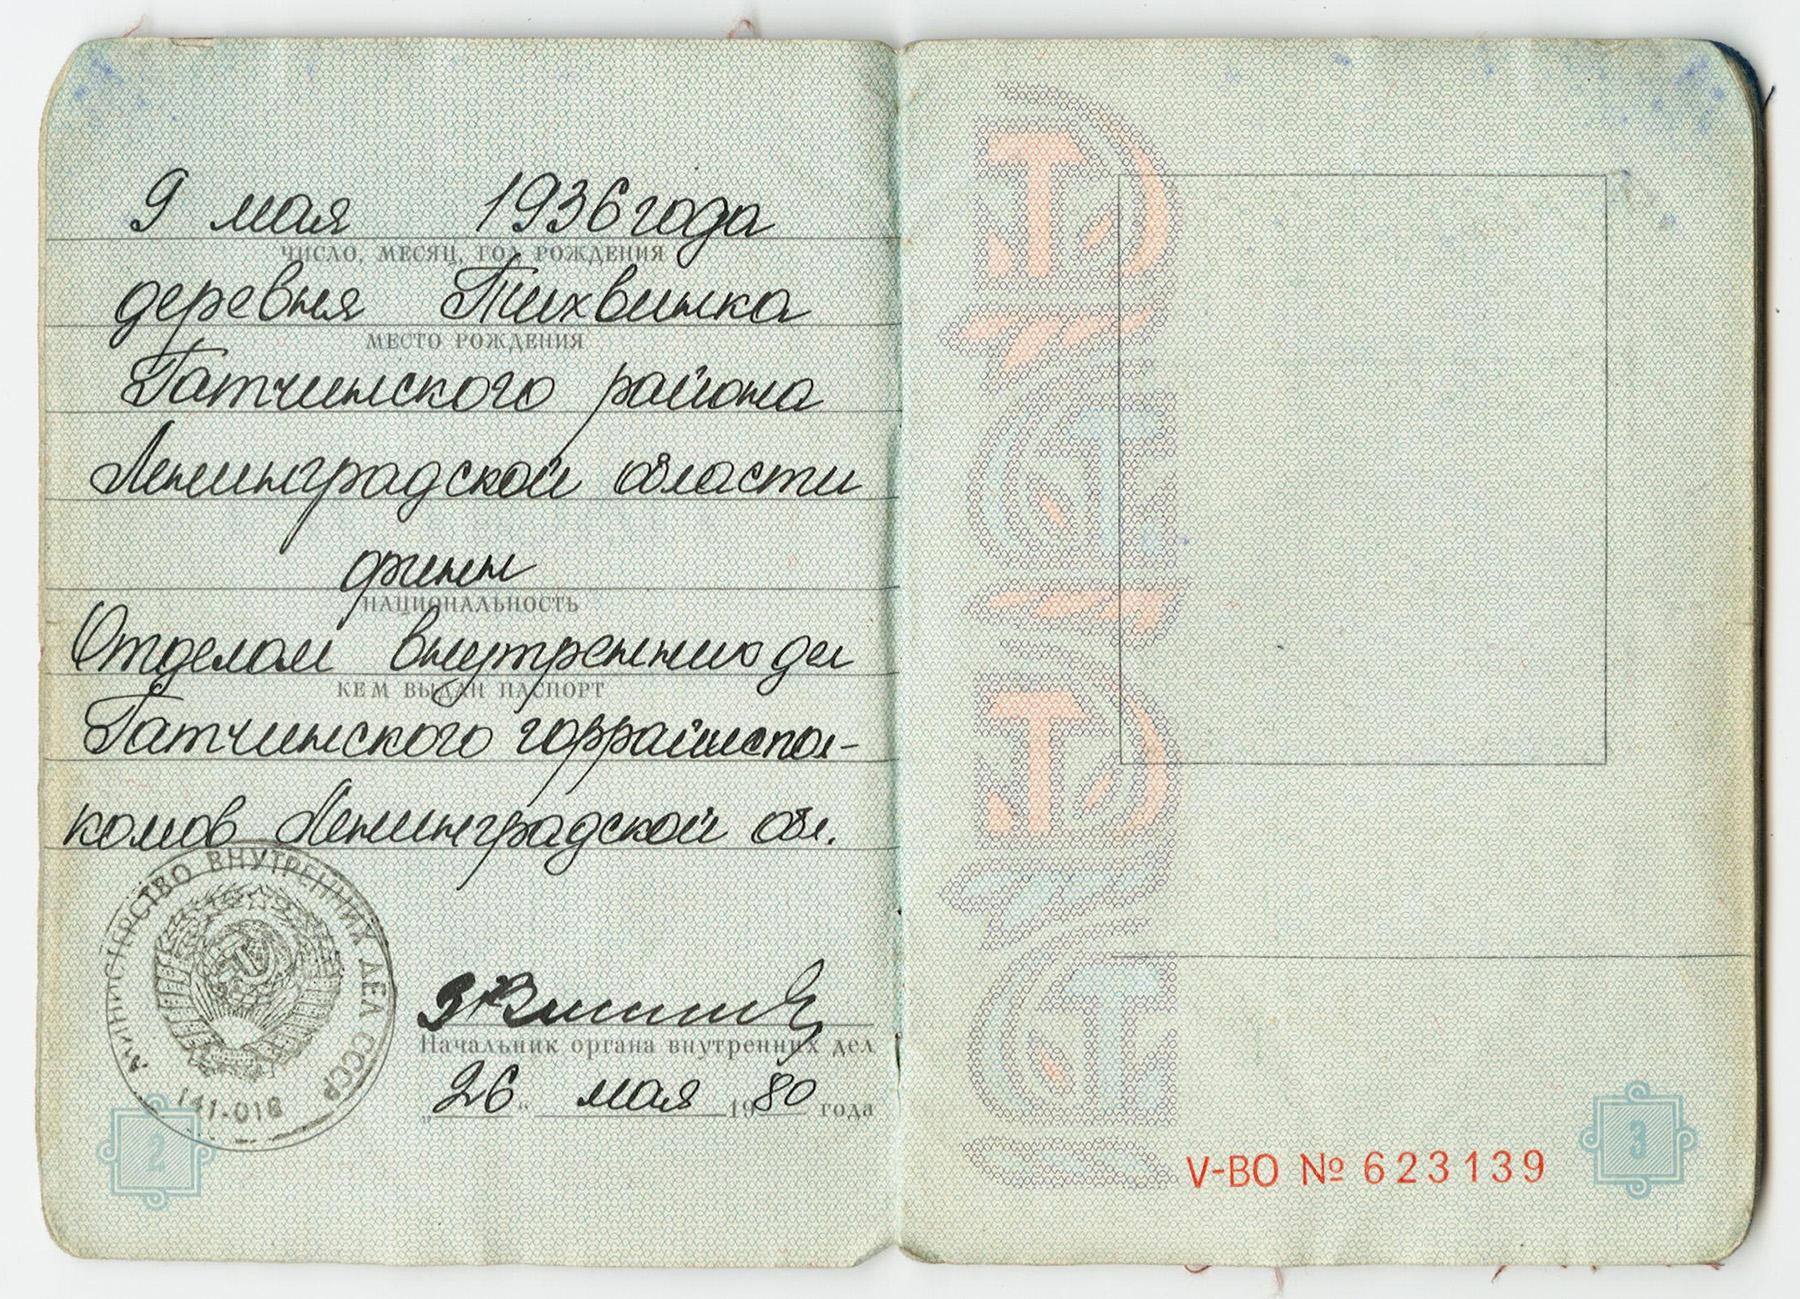 Tässä aukeama Albert Kirjasen Neuvostoliiton passista, joka on myönnetty vuonna 1980. Passin viidennellä rivillä määritellään kansallisuus suomalainen (ven. финн). Kuva SKS KIA, Albert Kirjasen arkisto. CC BY 4.0